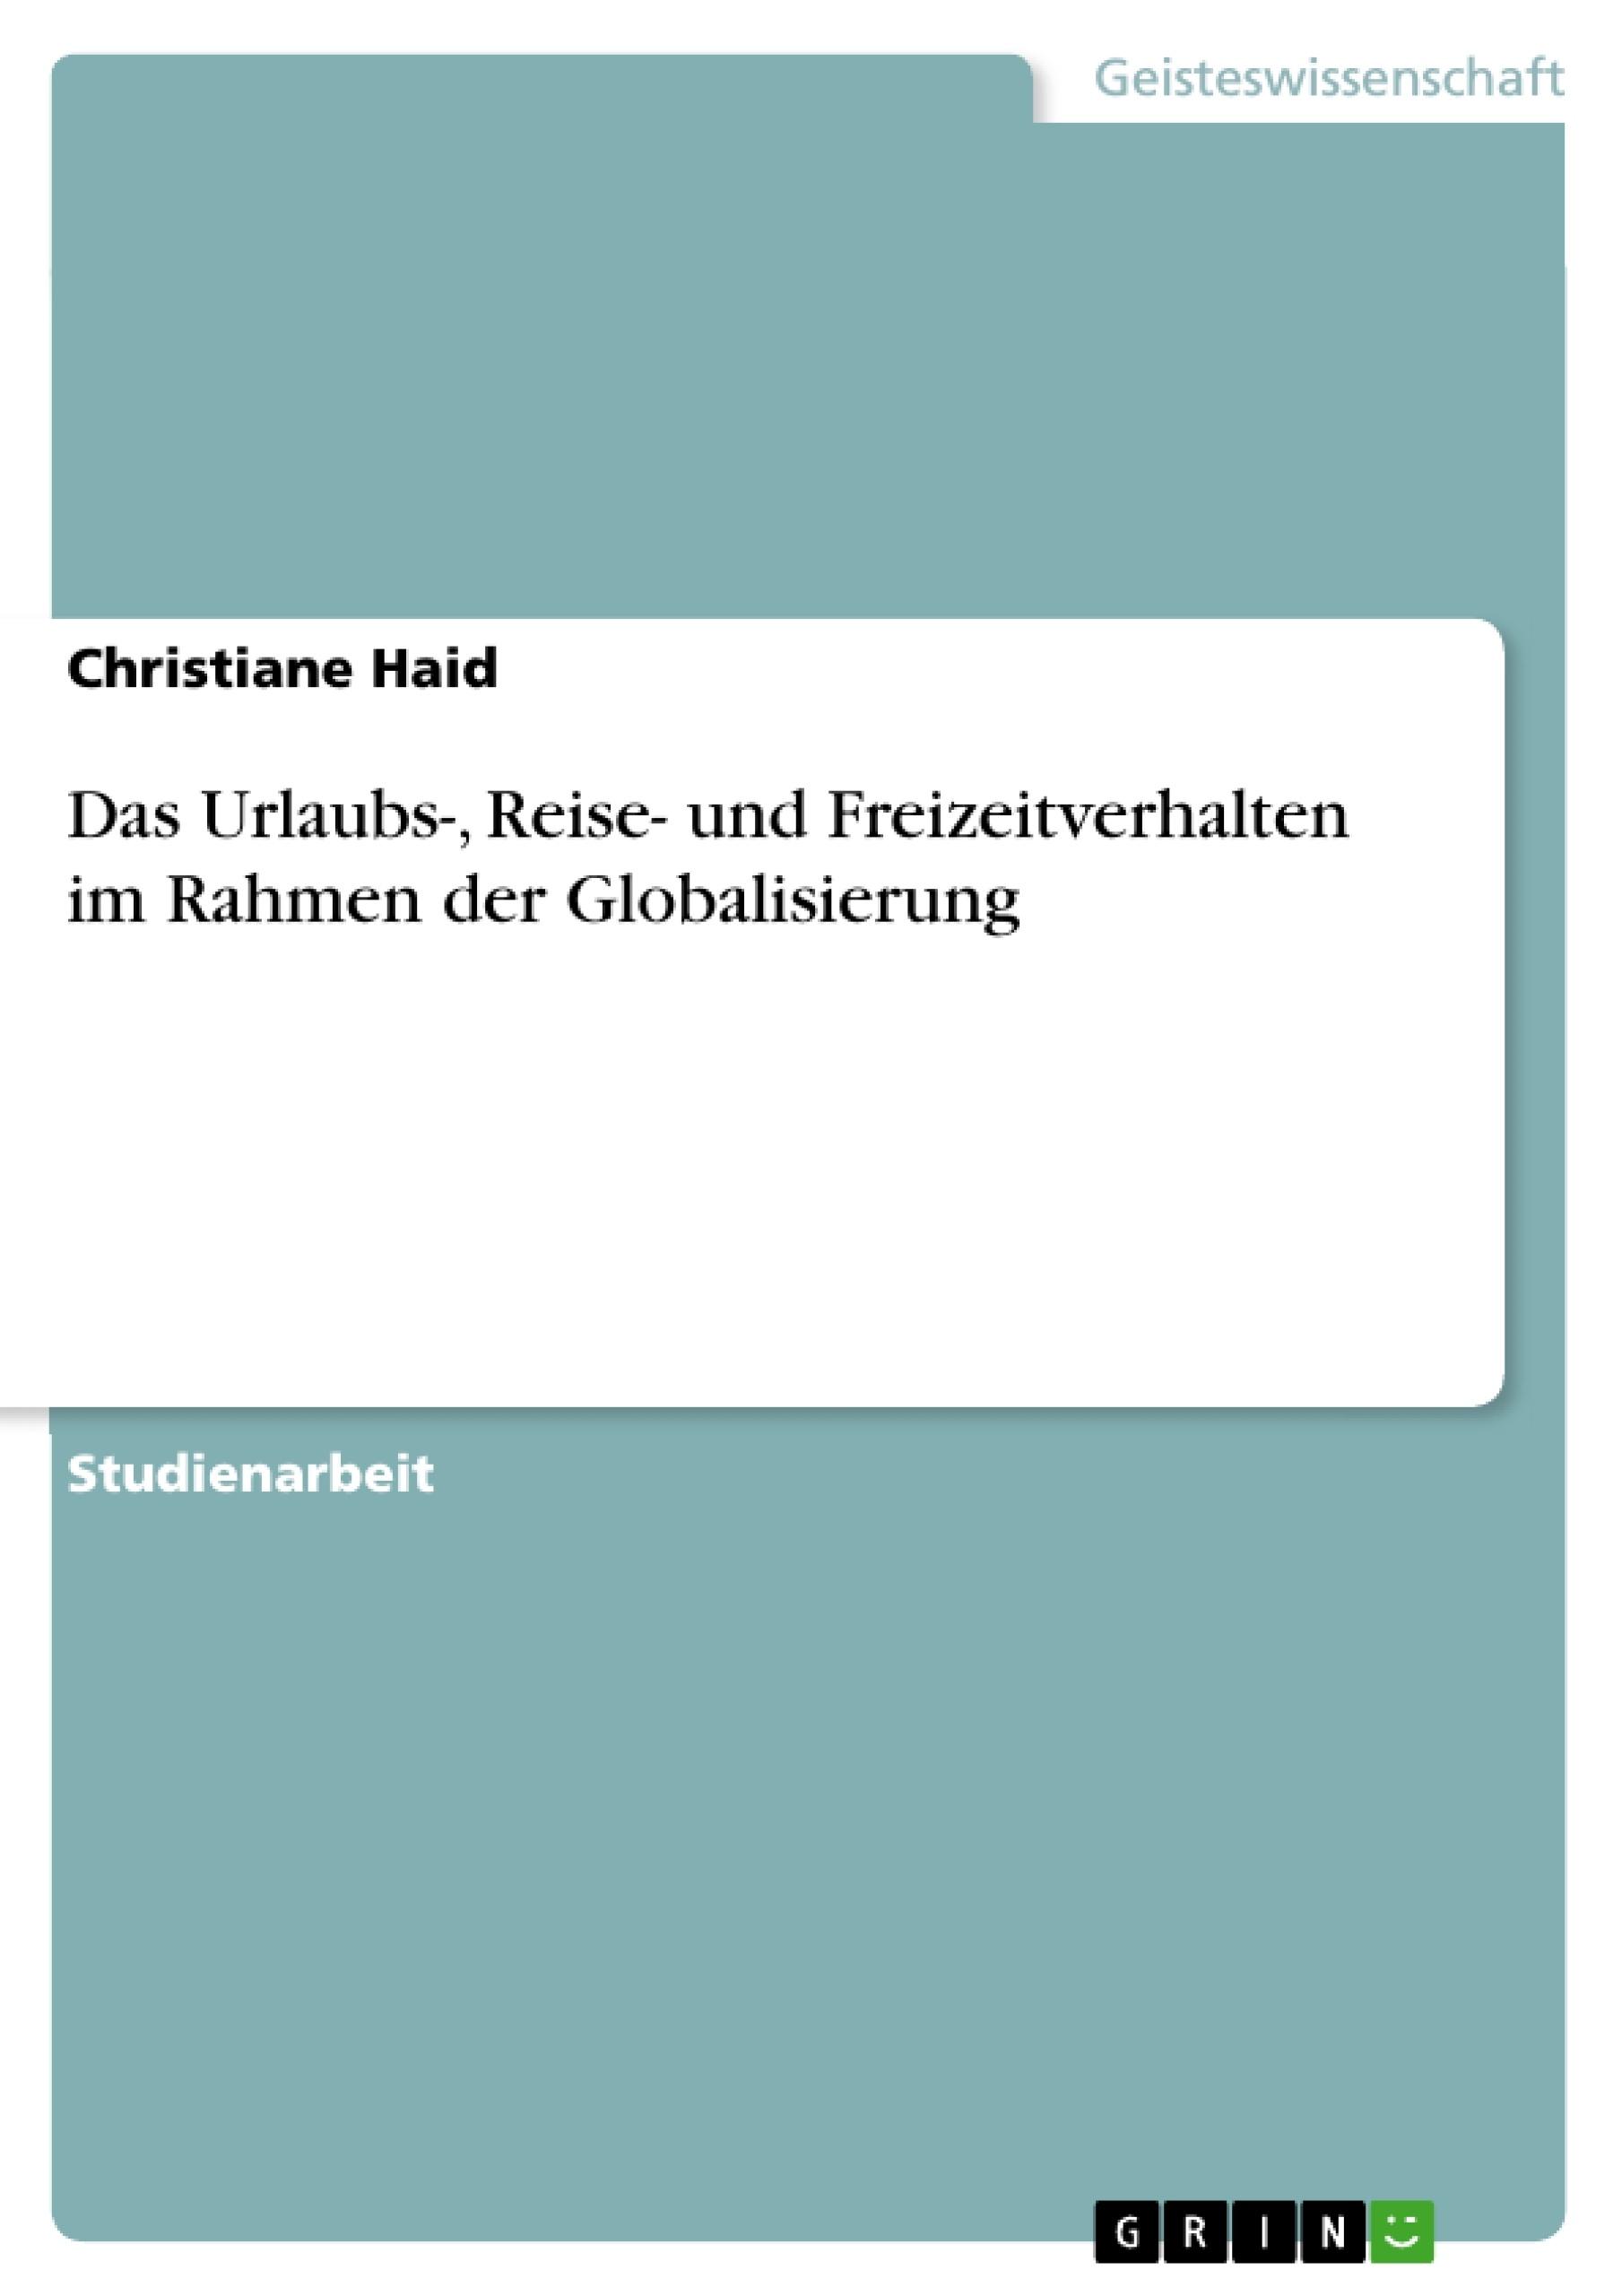 Titel: Das Urlaubs-, Reise- und Freizeitverhalten im Rahmen der Globalisierung